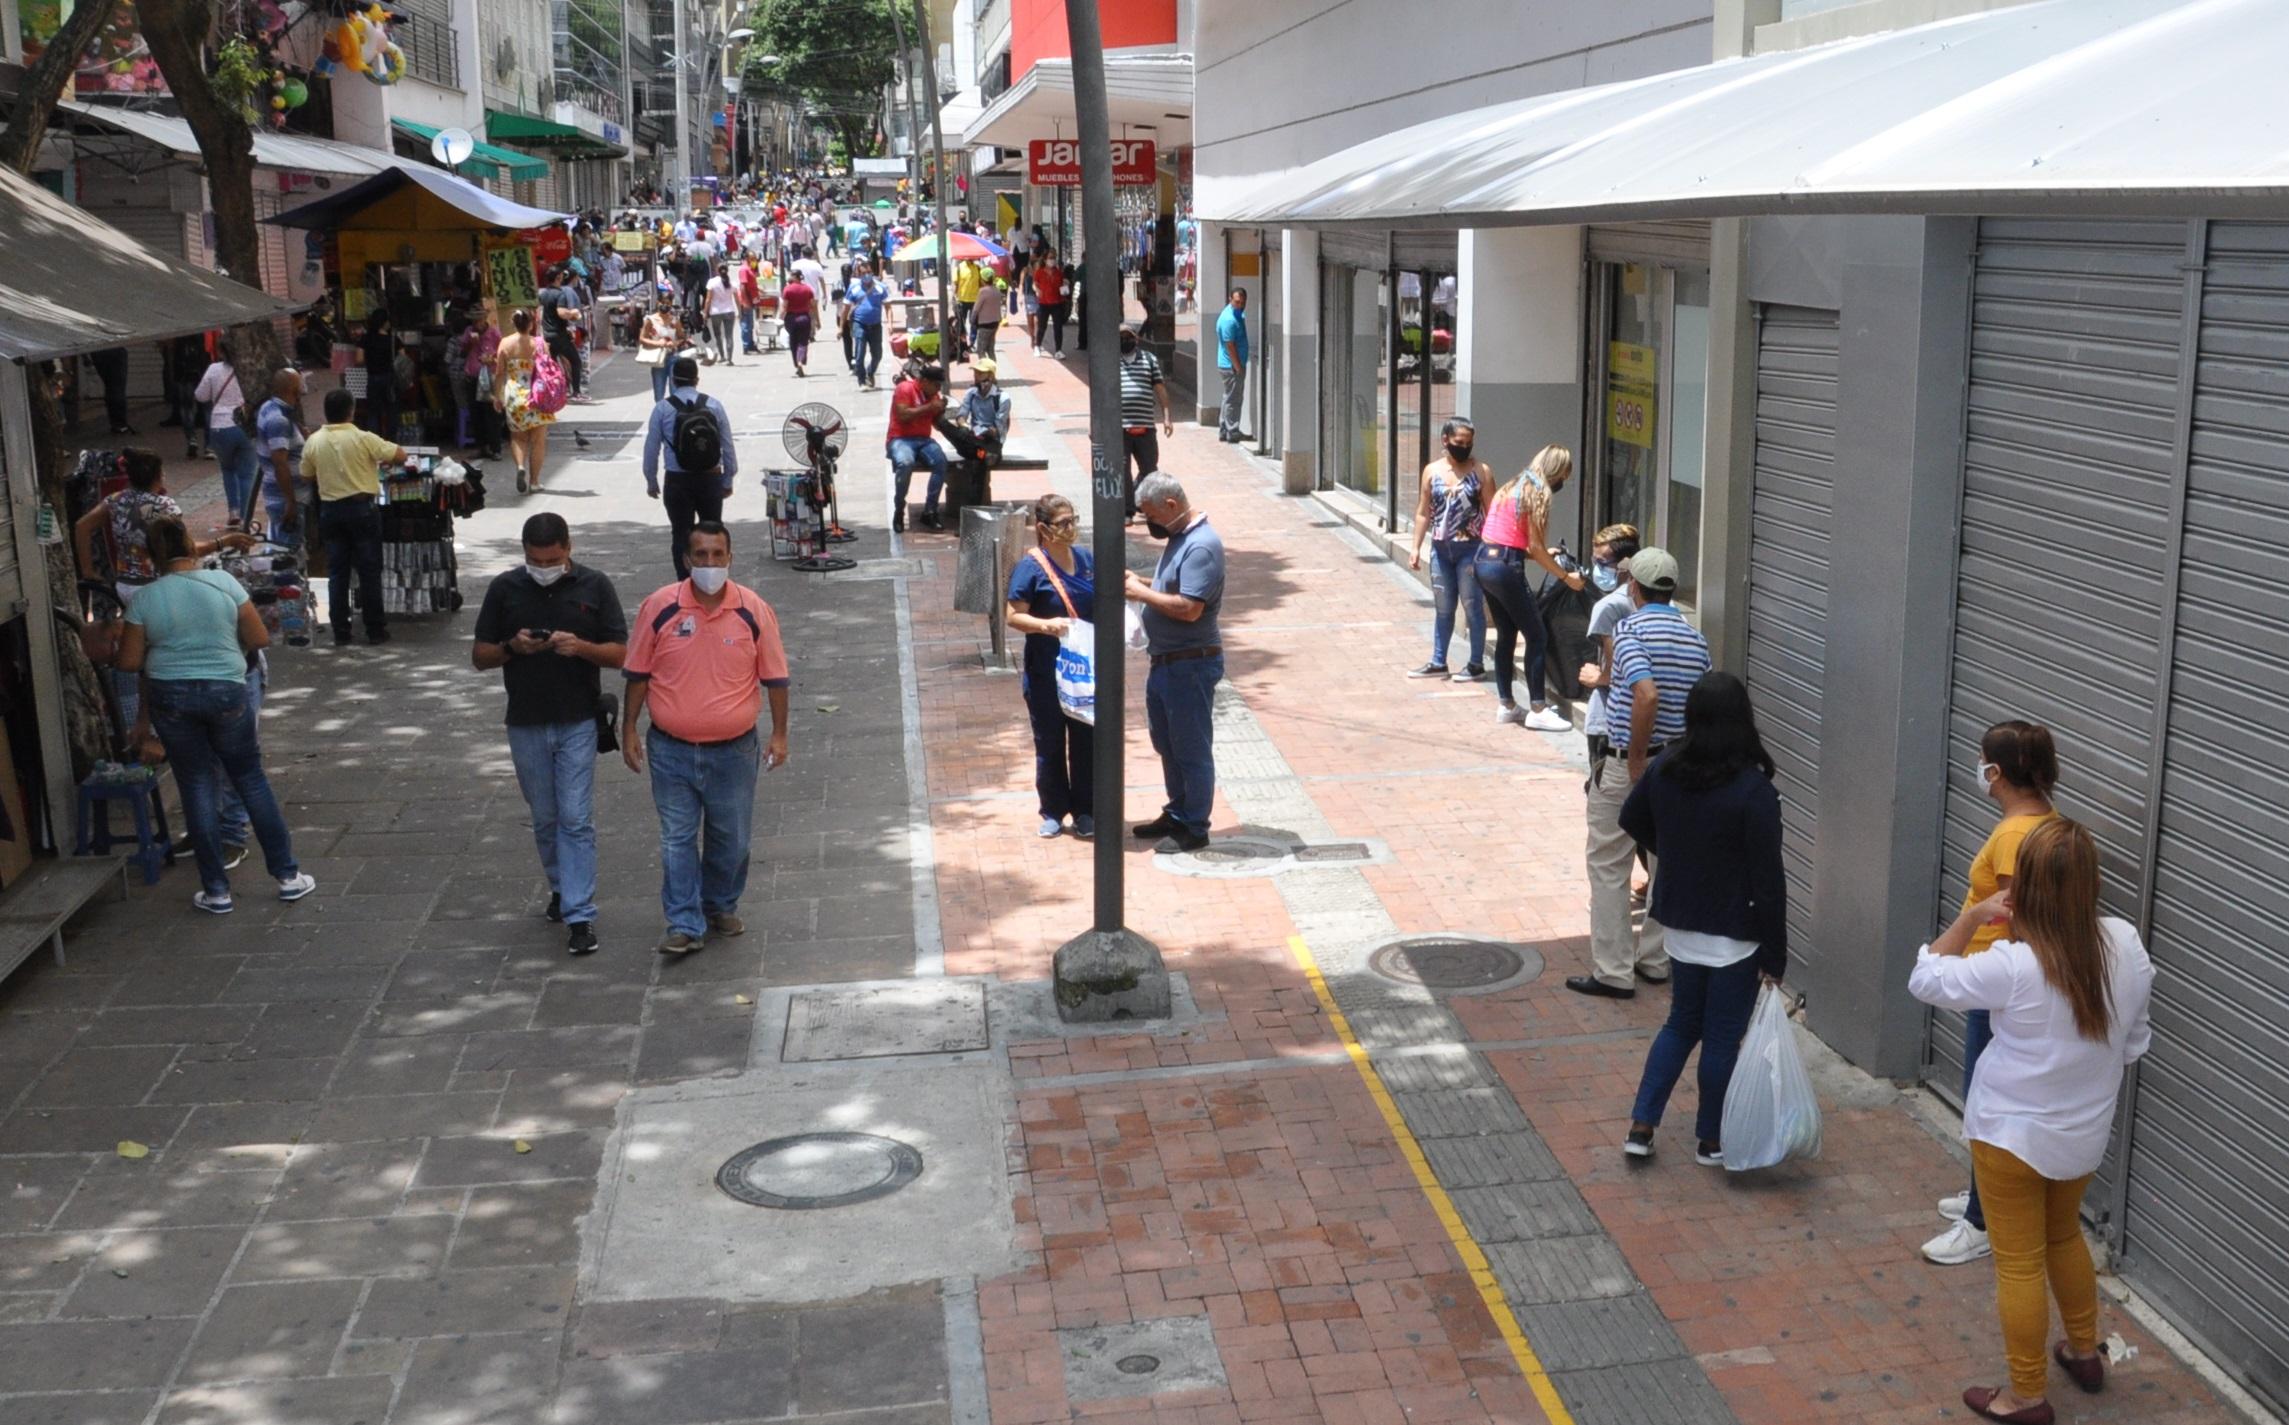 Blance general de reapertura económica en Santander. Respuesta responsable de clientes y comercios     Local   Economía   EL FRENTE